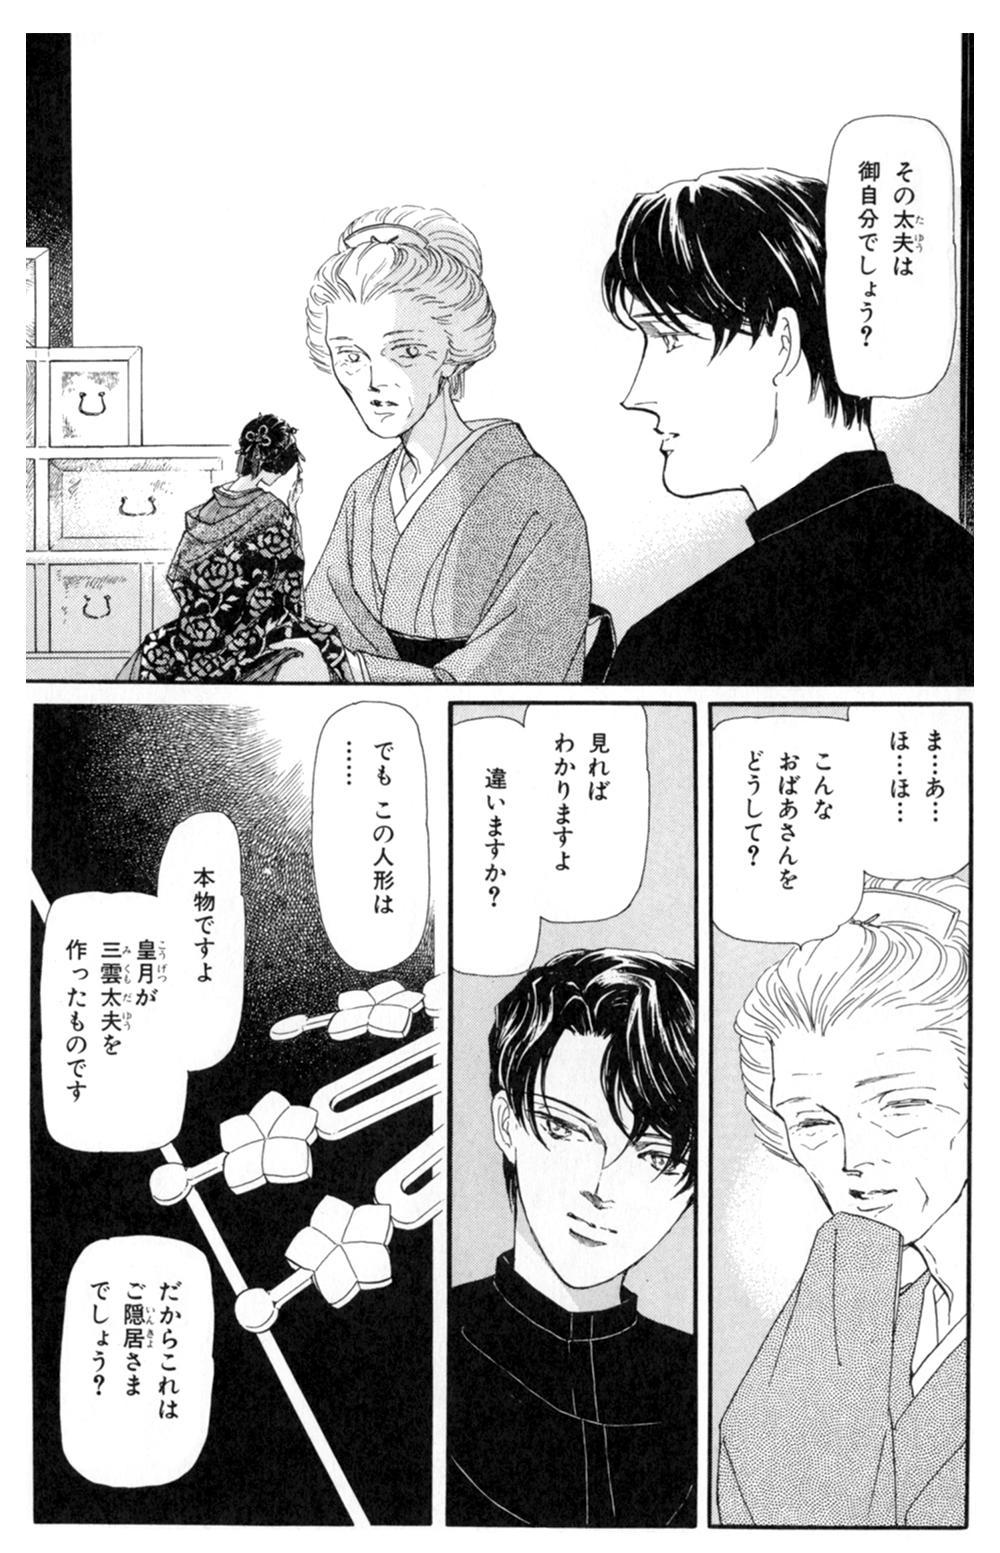 雨柳堂夢咄 第5話「花に暮れる」2uryudo-02-140.jpg